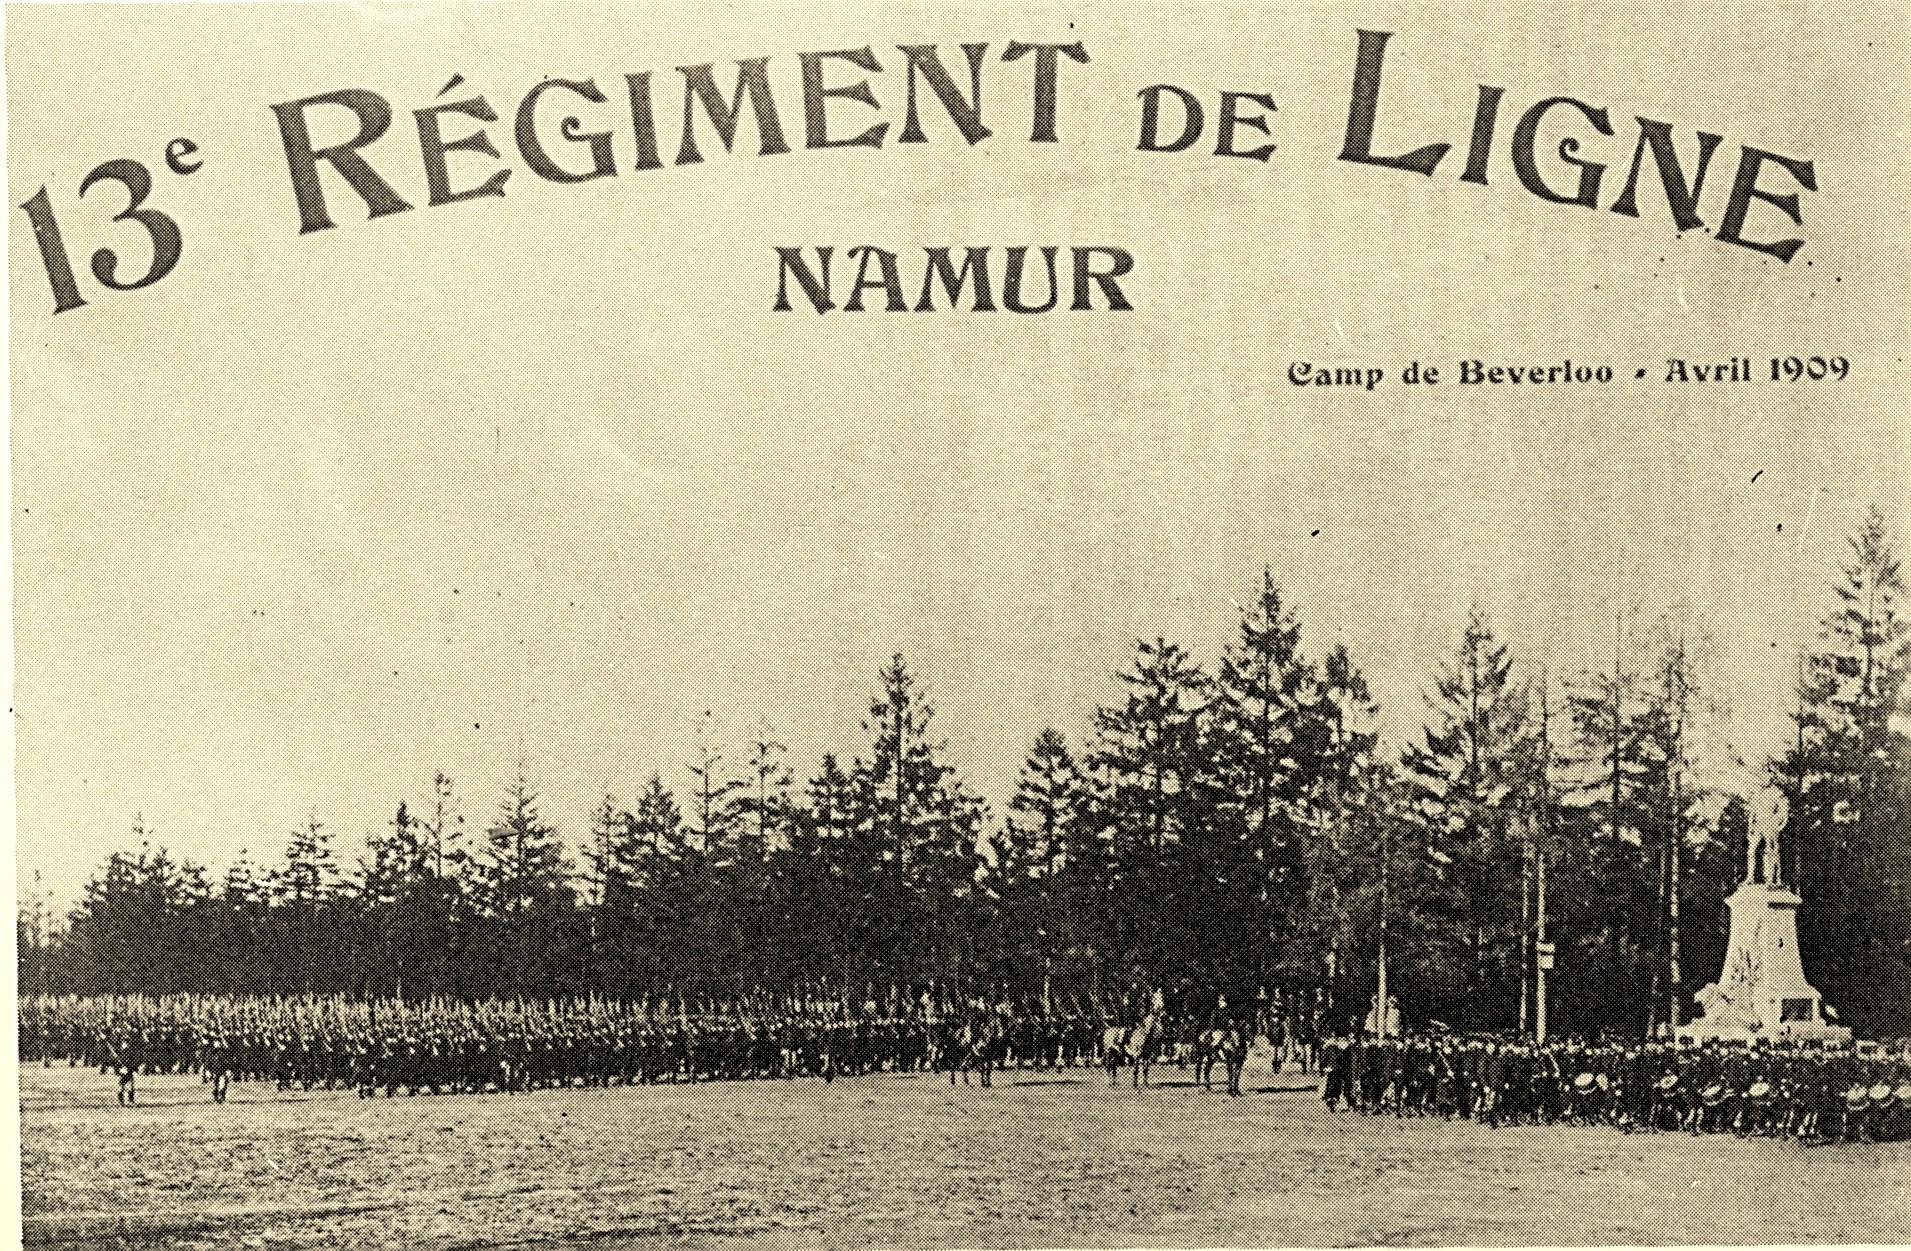 camp de beverlo en 1909